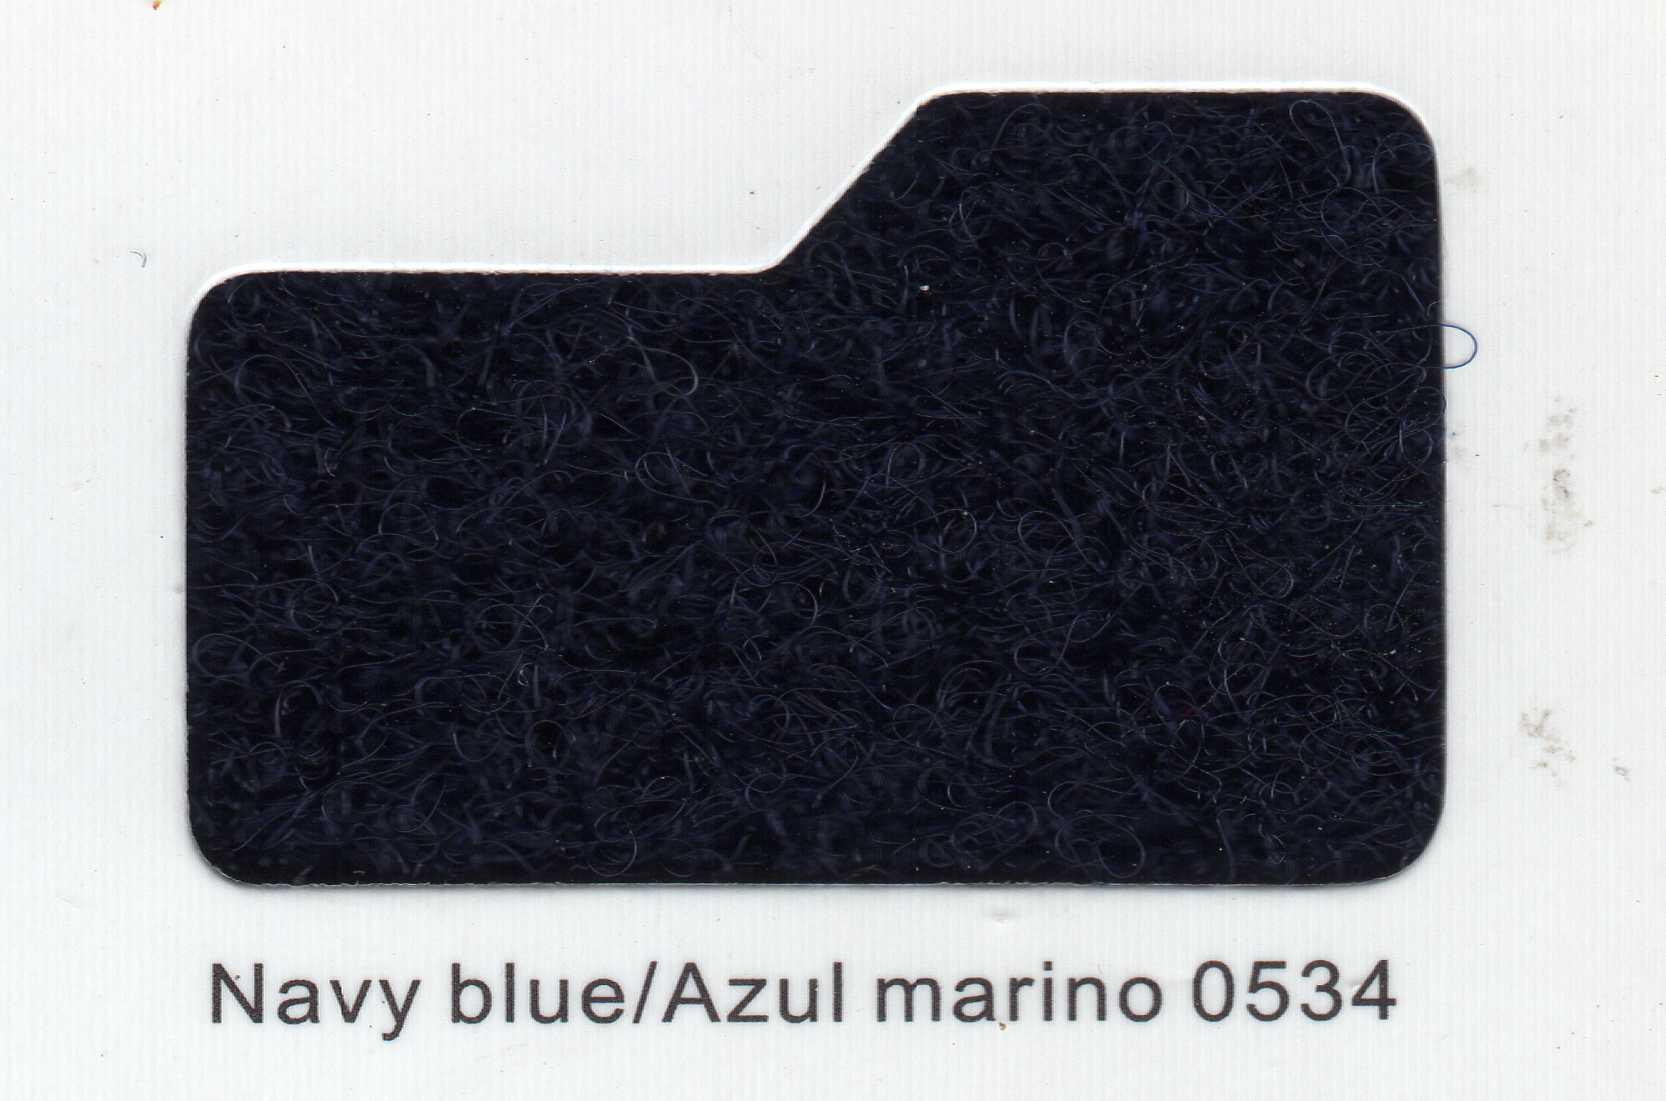 Cinta de cierre Velcro-Veraco 25mm Azul Marino 0534 (Gancho).